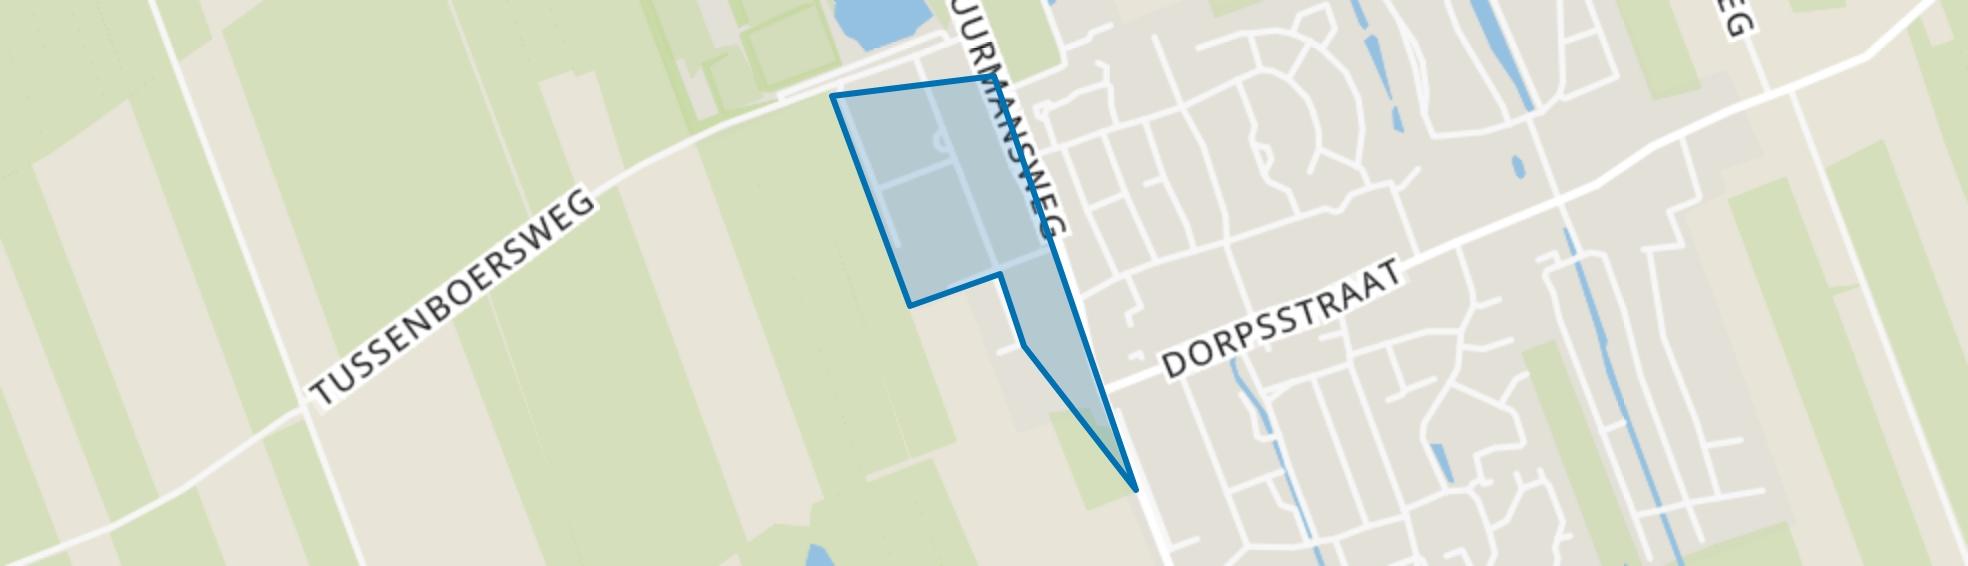 Spijkerserve, Nijeveen map